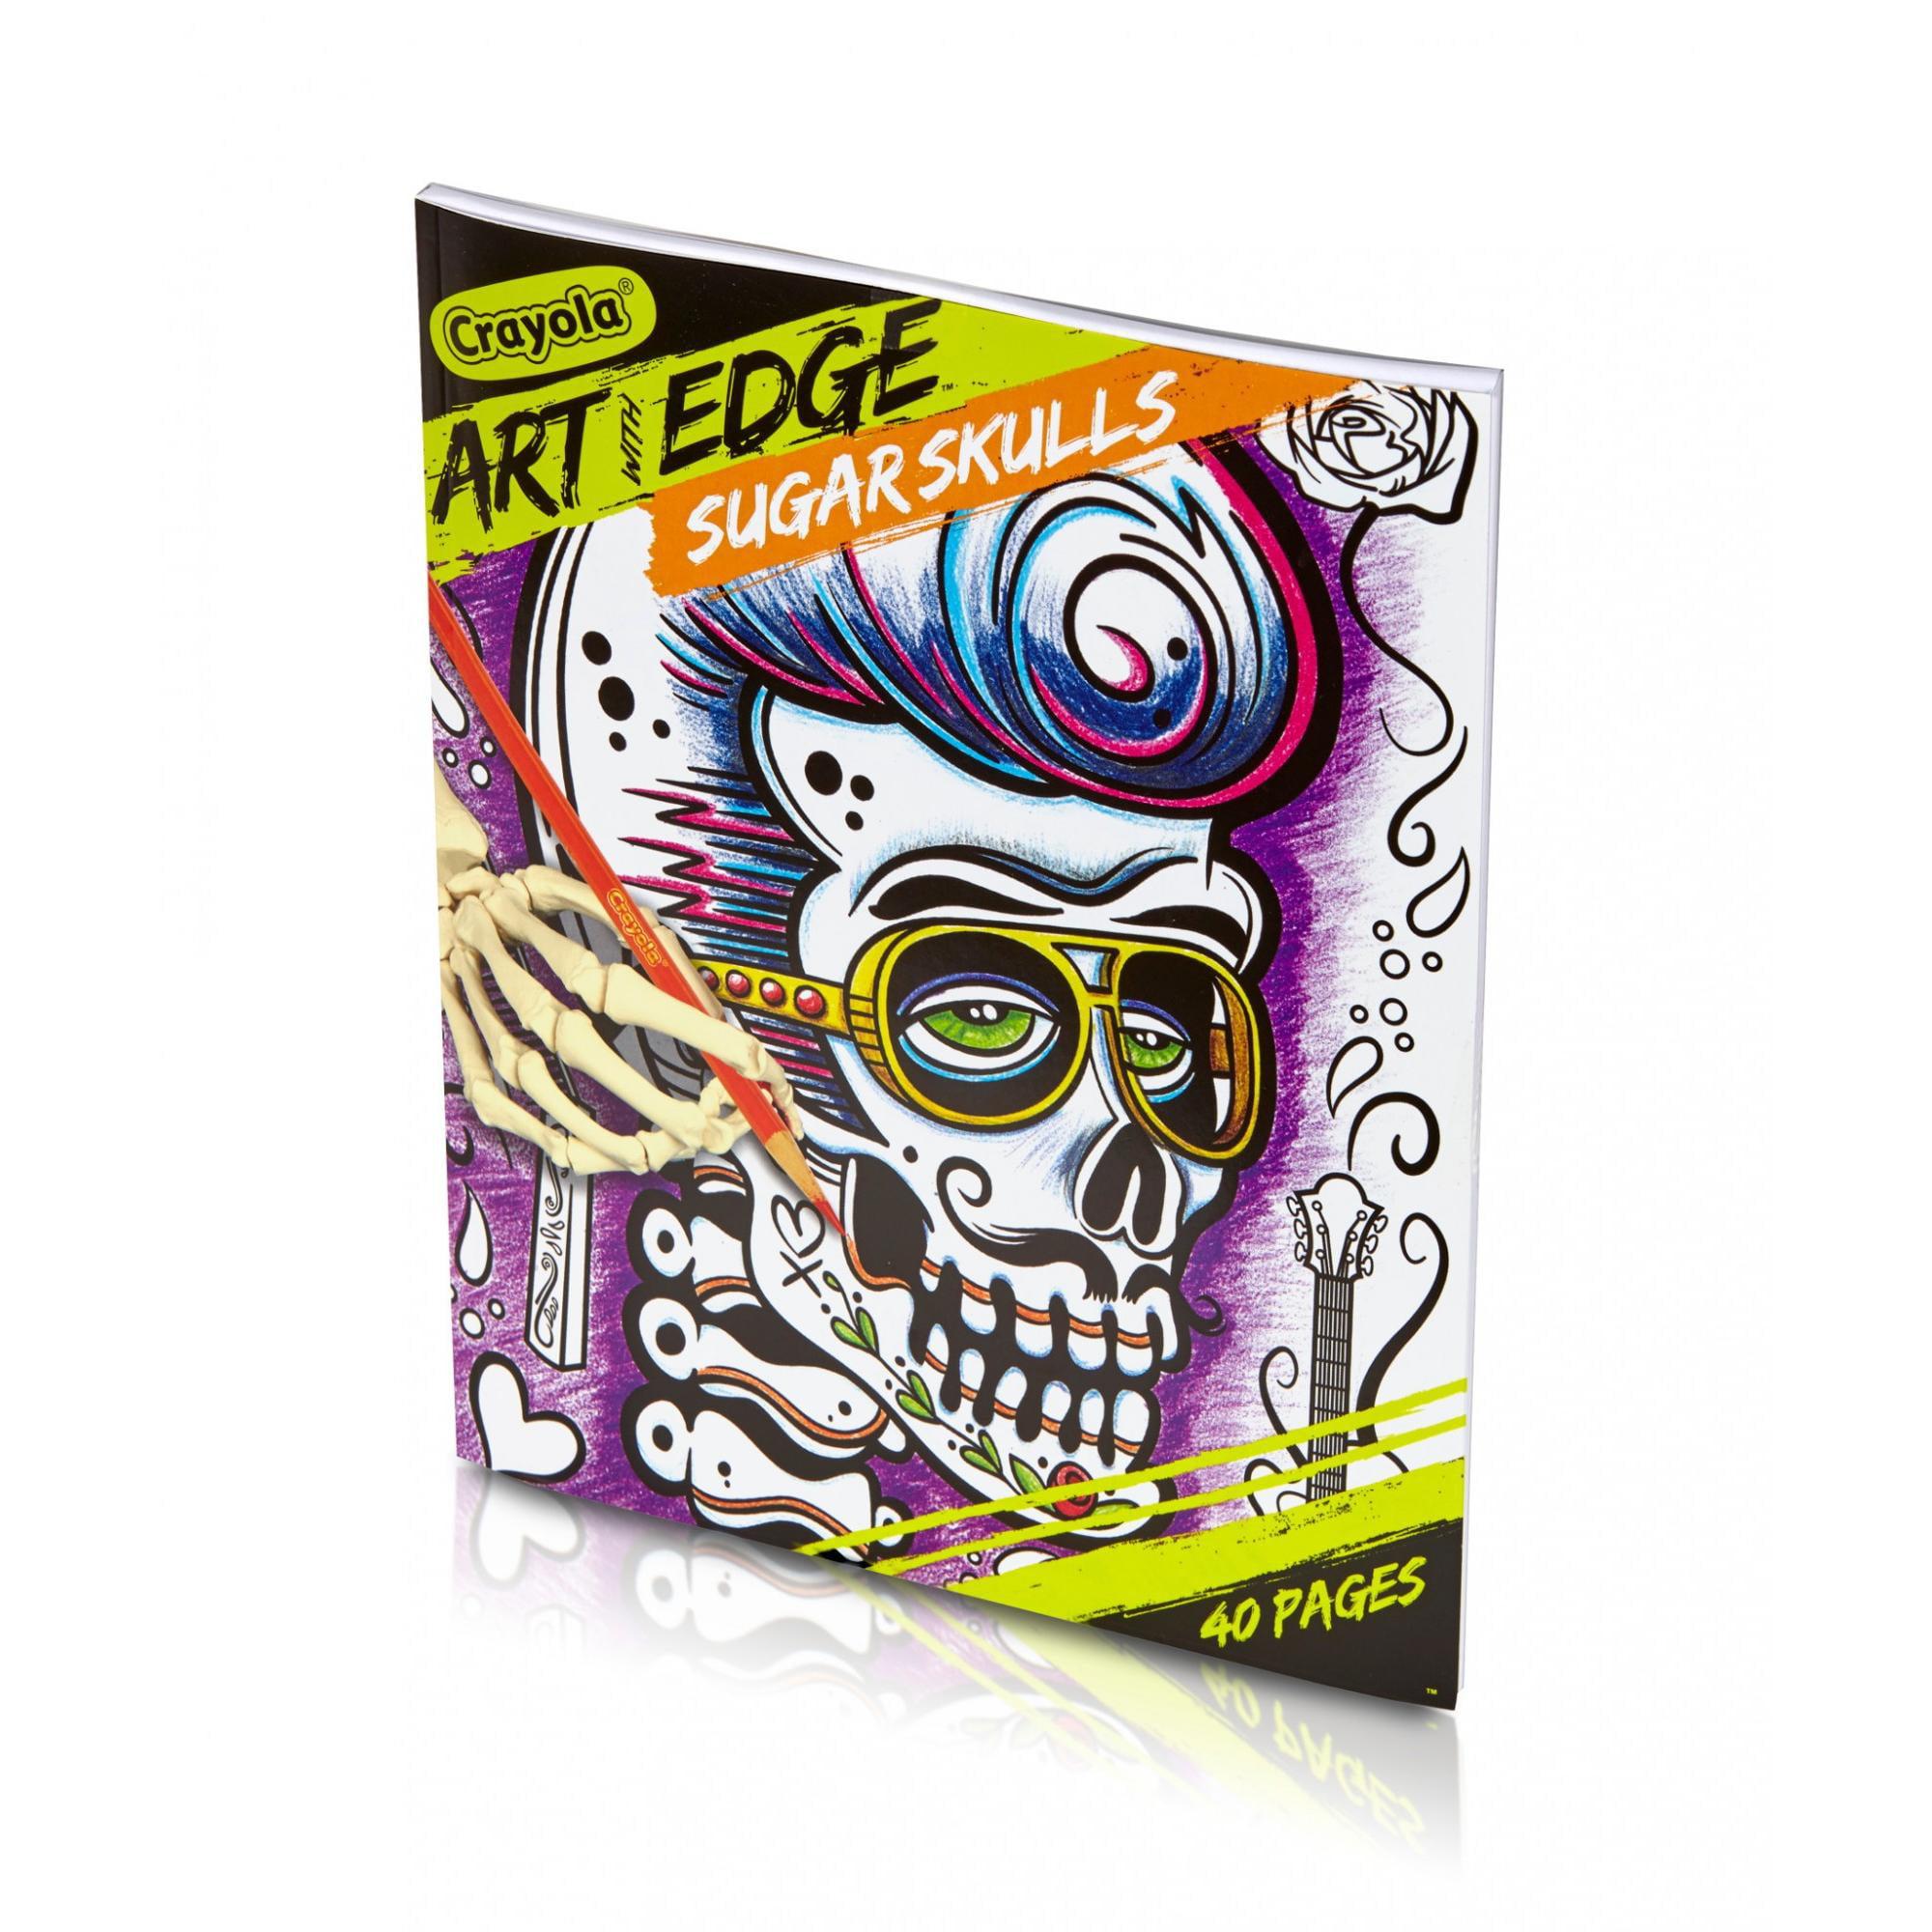 - Art With Edge Sugar Skulls Adult Coloring Book - Walmart.com